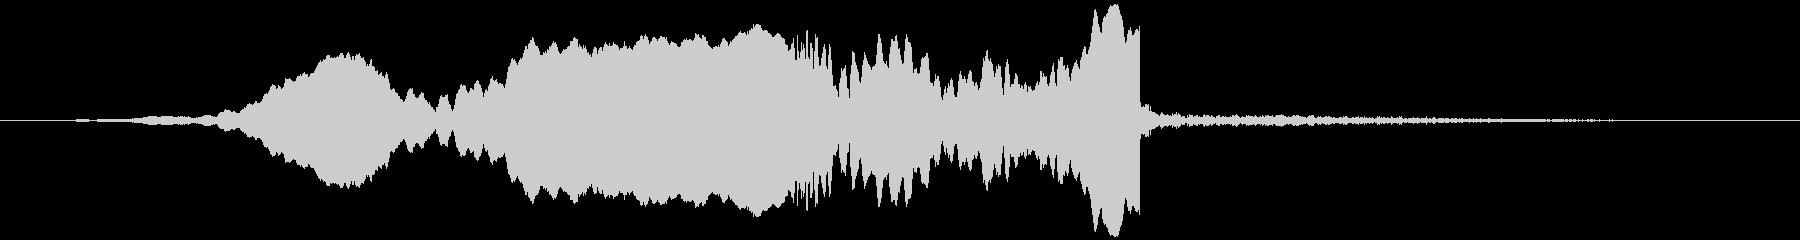 EXT:サイレン、プルアップ、スト...の未再生の波形